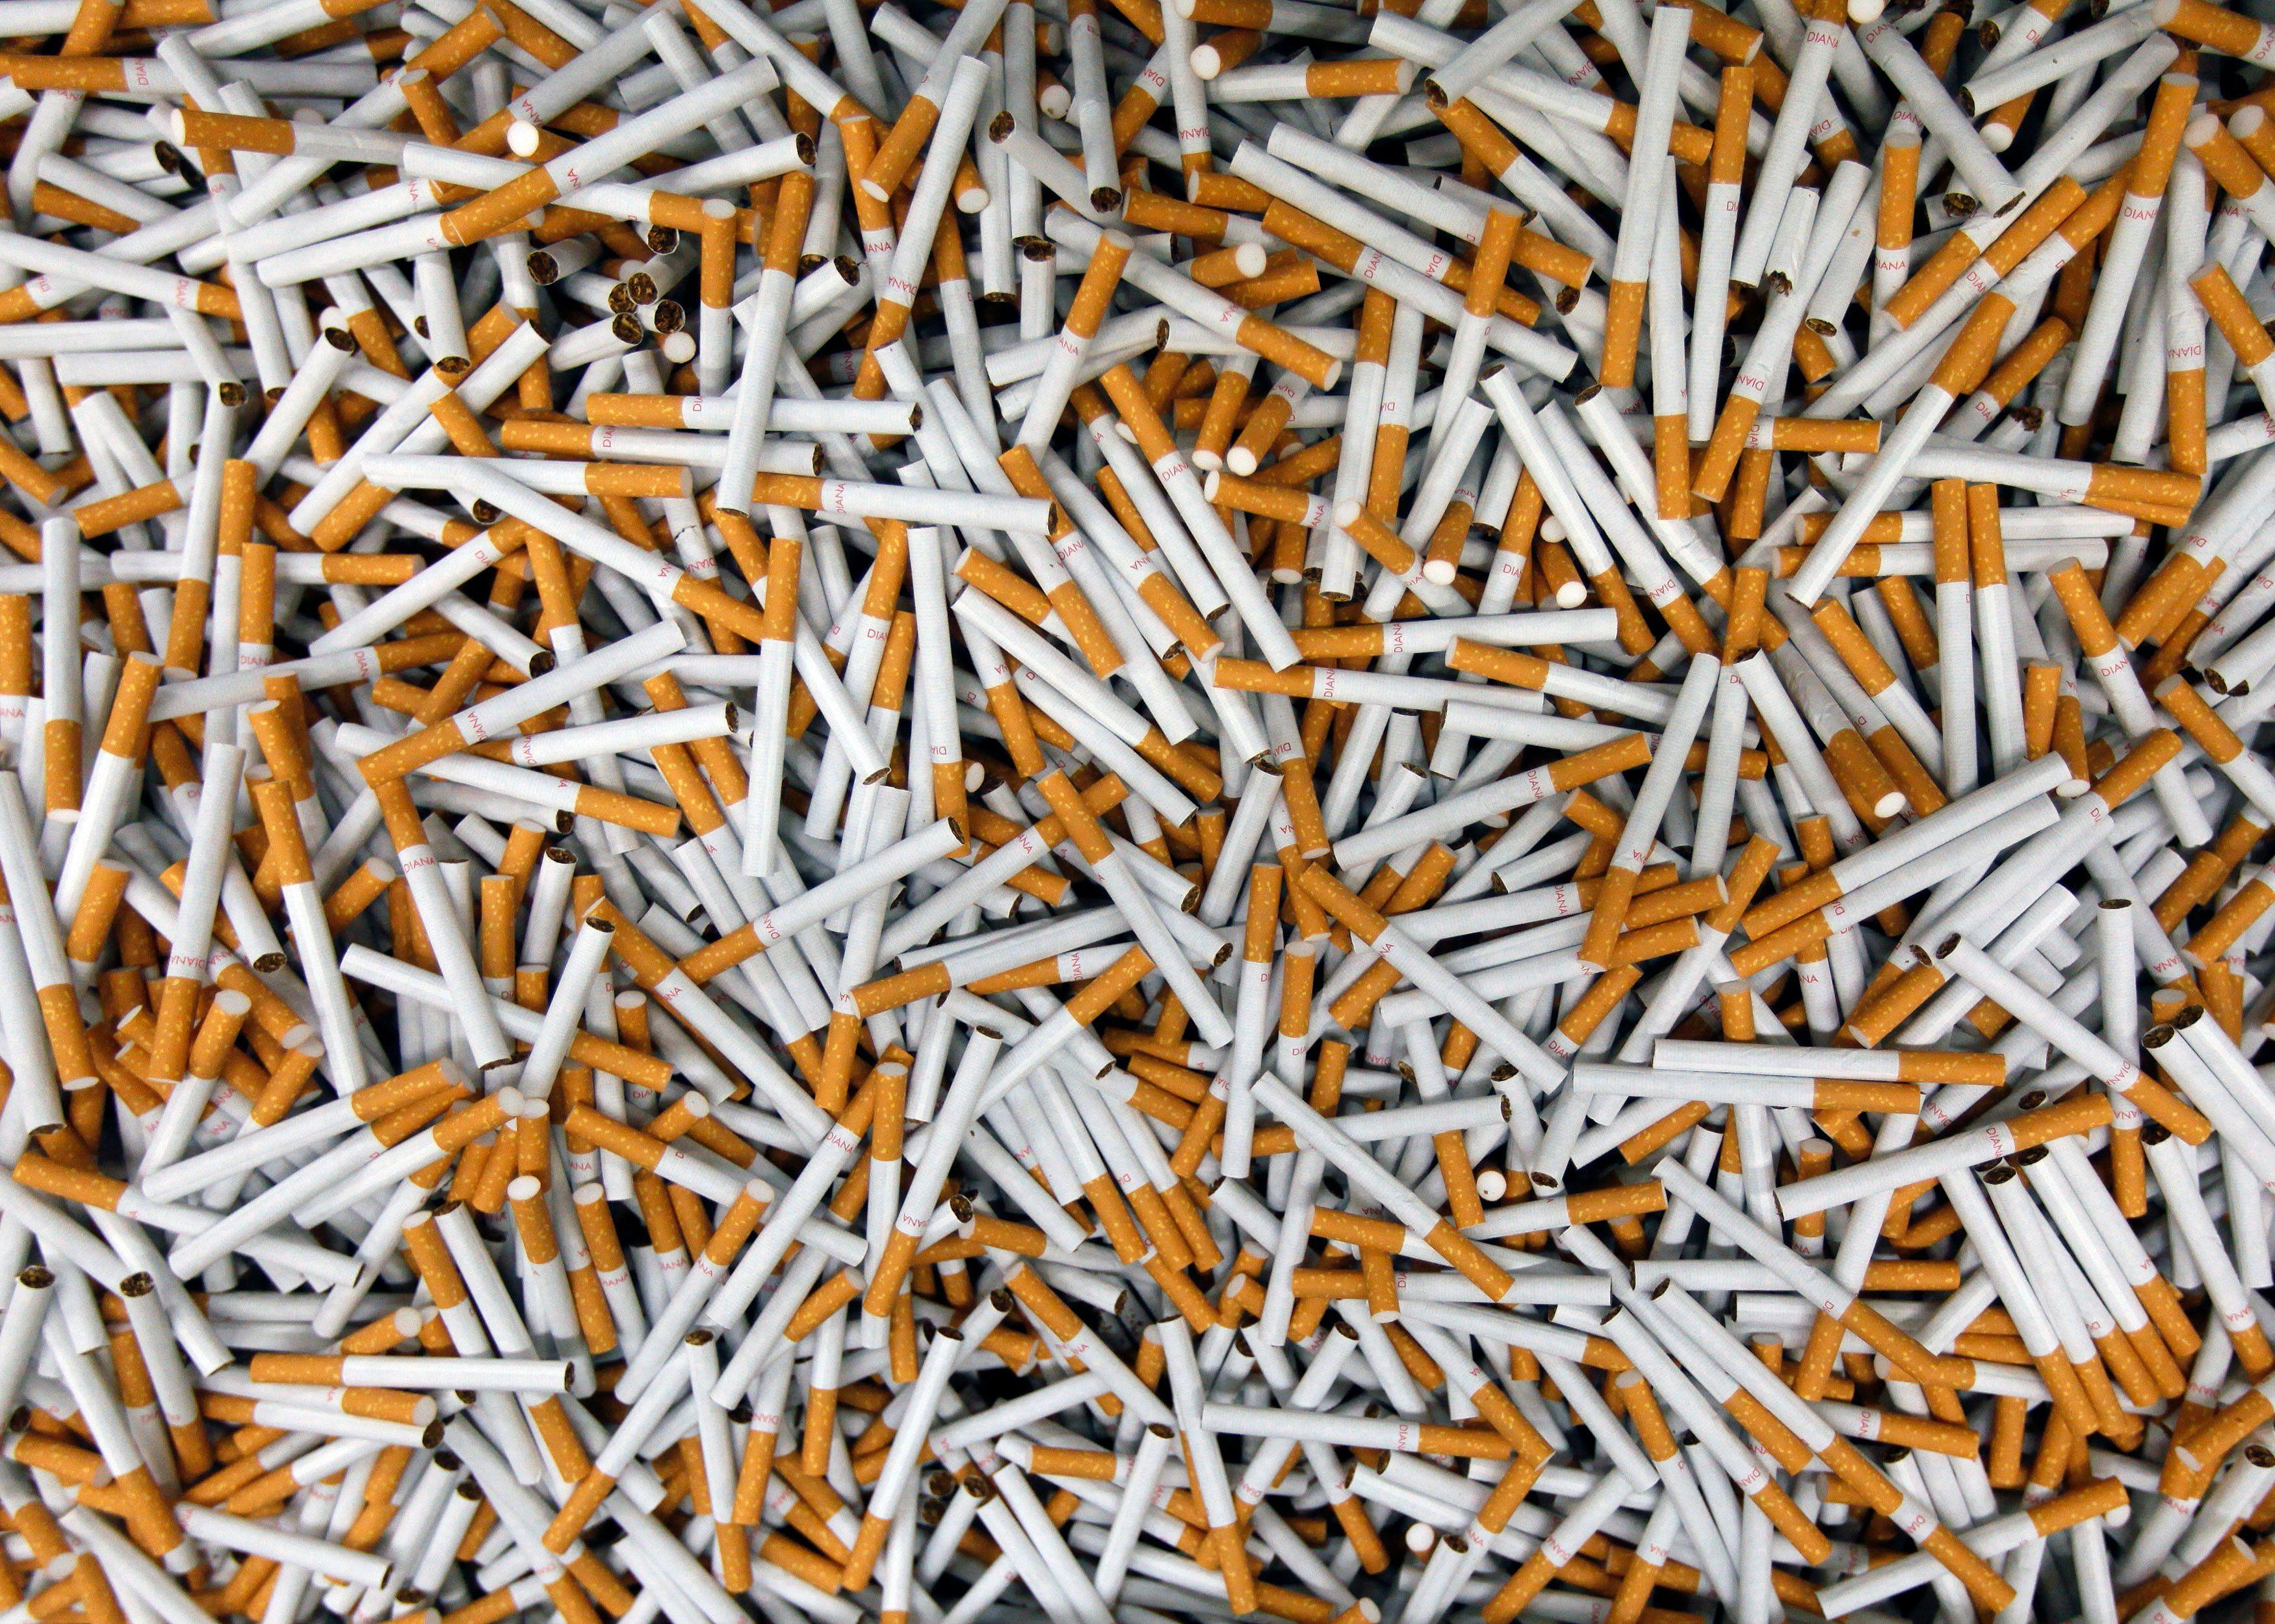 Le tabagisme passif peut augmenter le risque de calcification coronaire de 90%